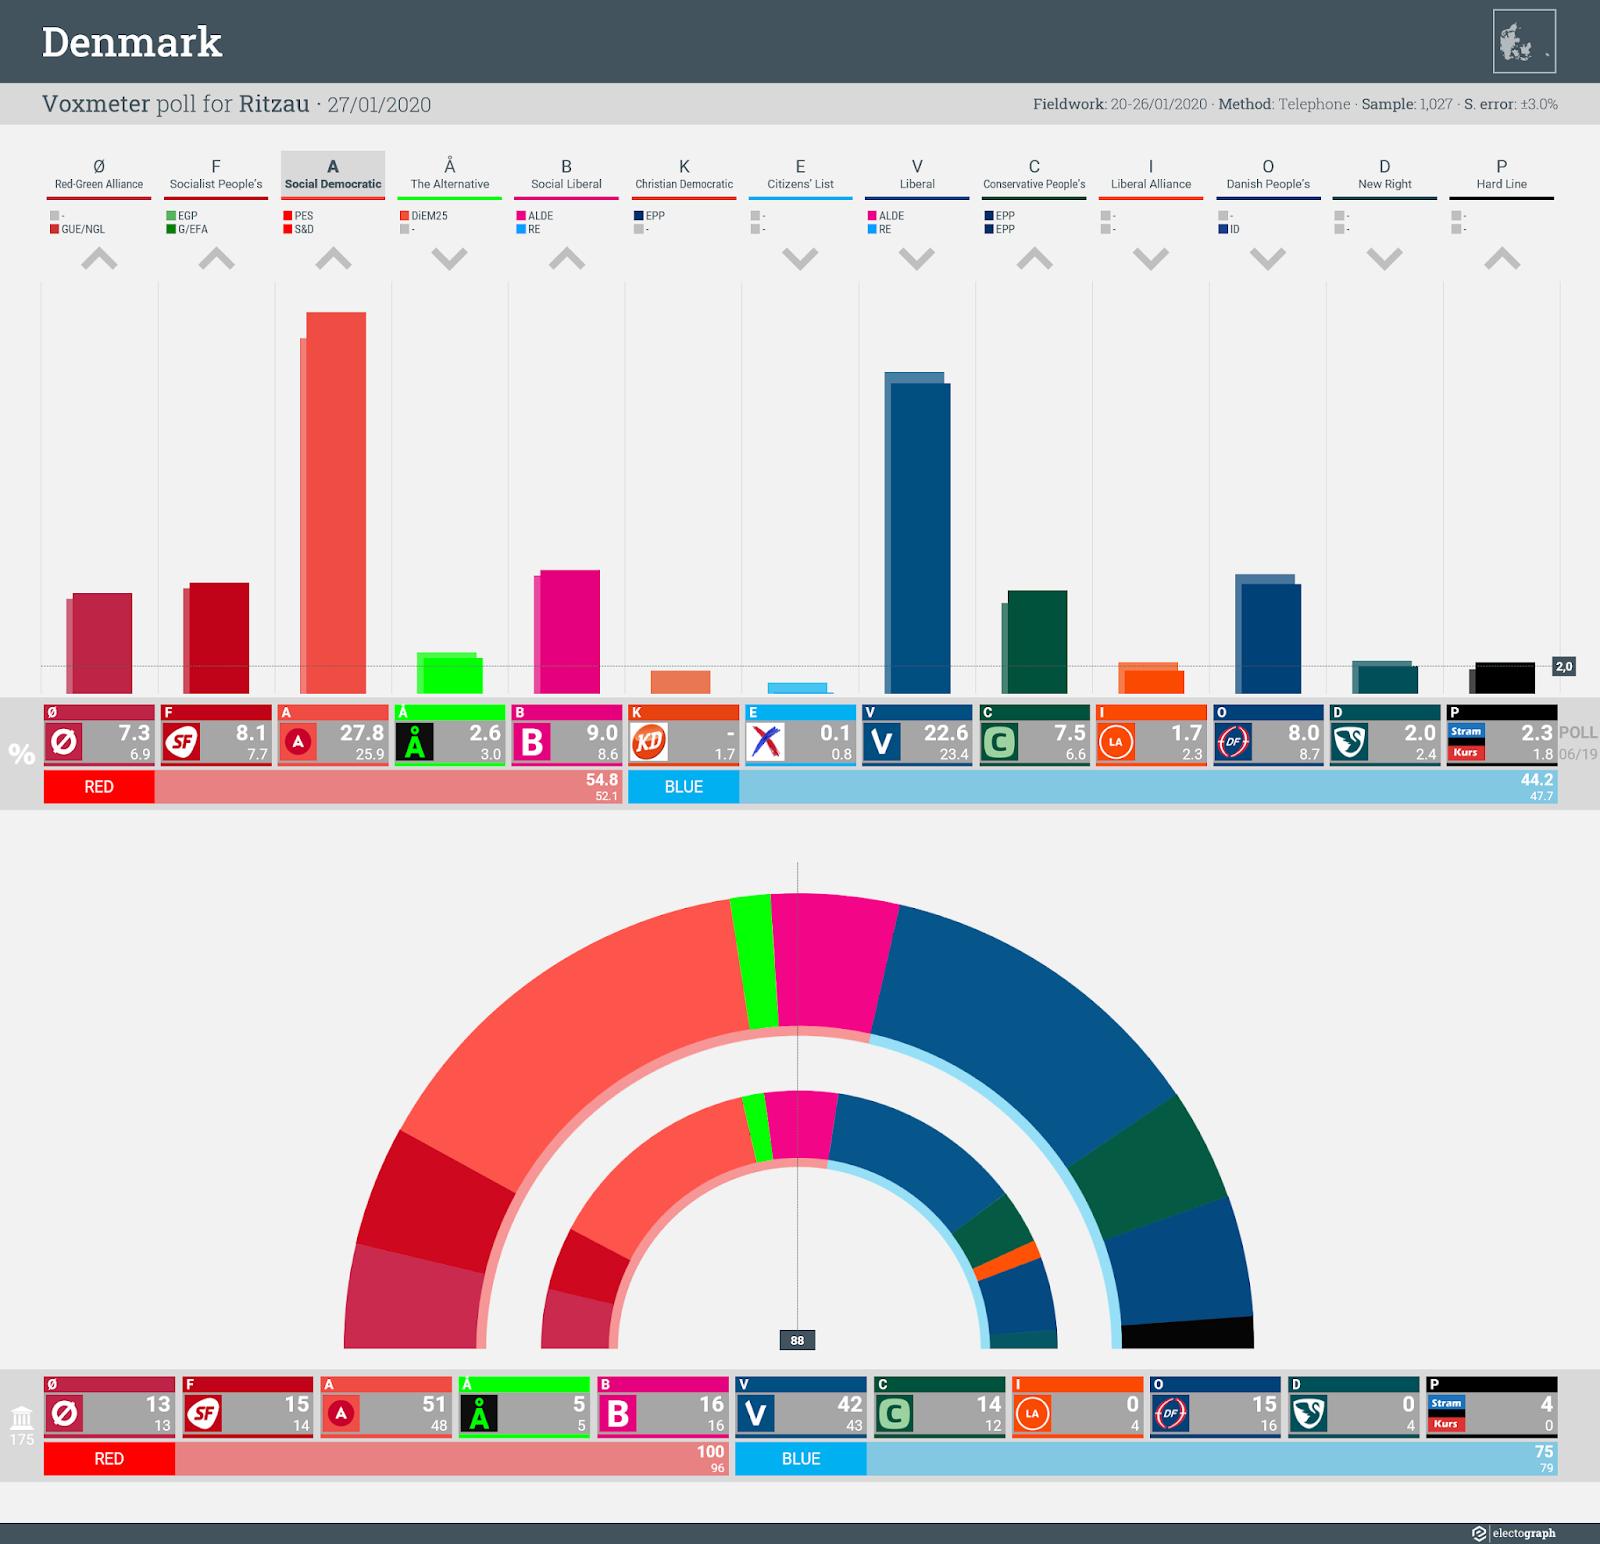 DENMARK: Voxmeter poll chart for Ritzau, 27 January 2020